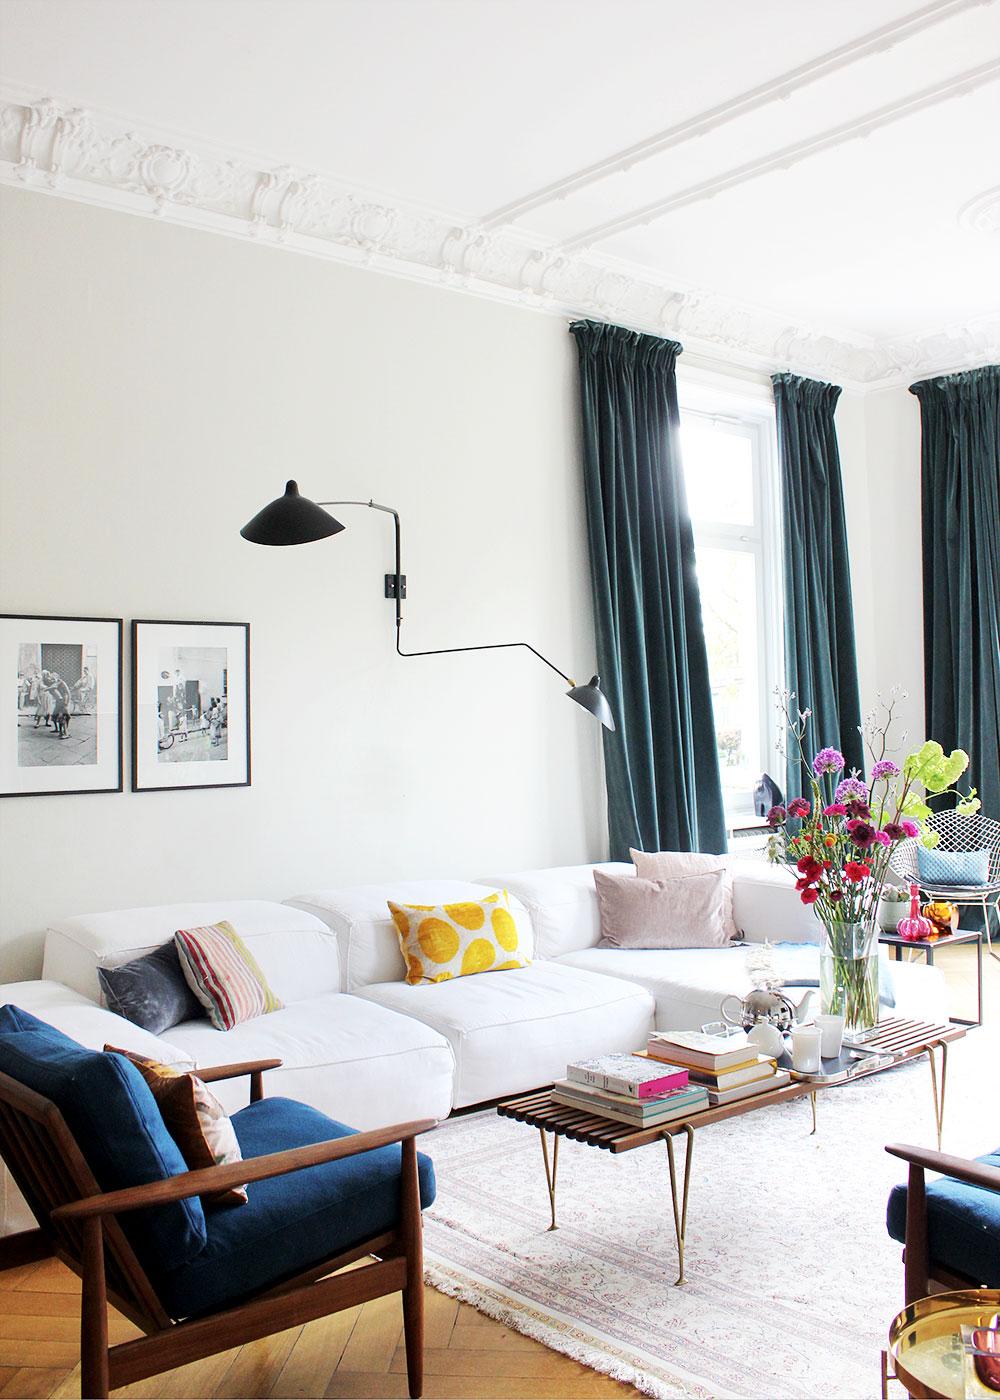 purismus wohnung mit eklektischer einrichtung, oh what a room:zimmerschau: eklektischer mix bei modebloggerin sue, Design ideen